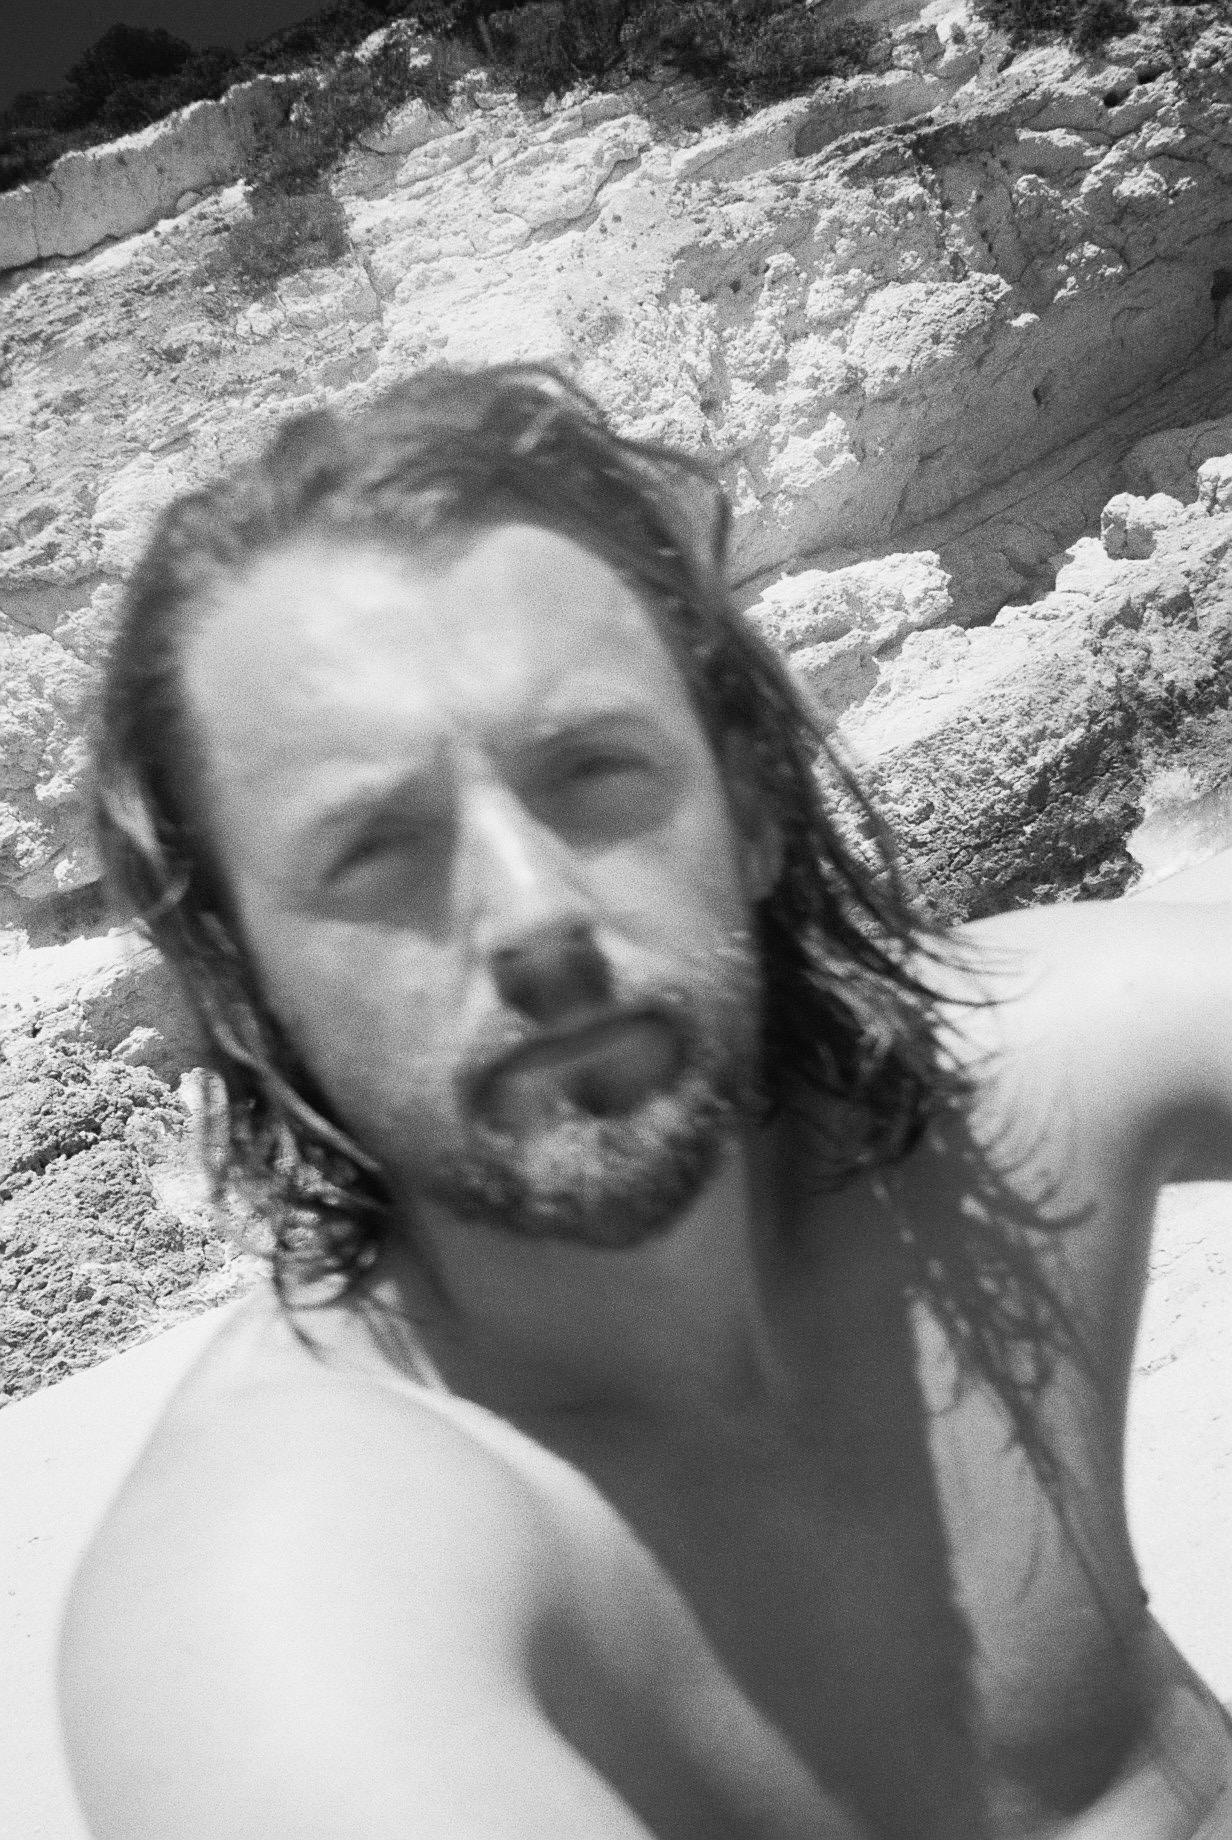 My love, despite being english, is as much a beach bum as I am.  / O meu amor, apesar de Inglês, é tão bichinho de praia quanto eu.